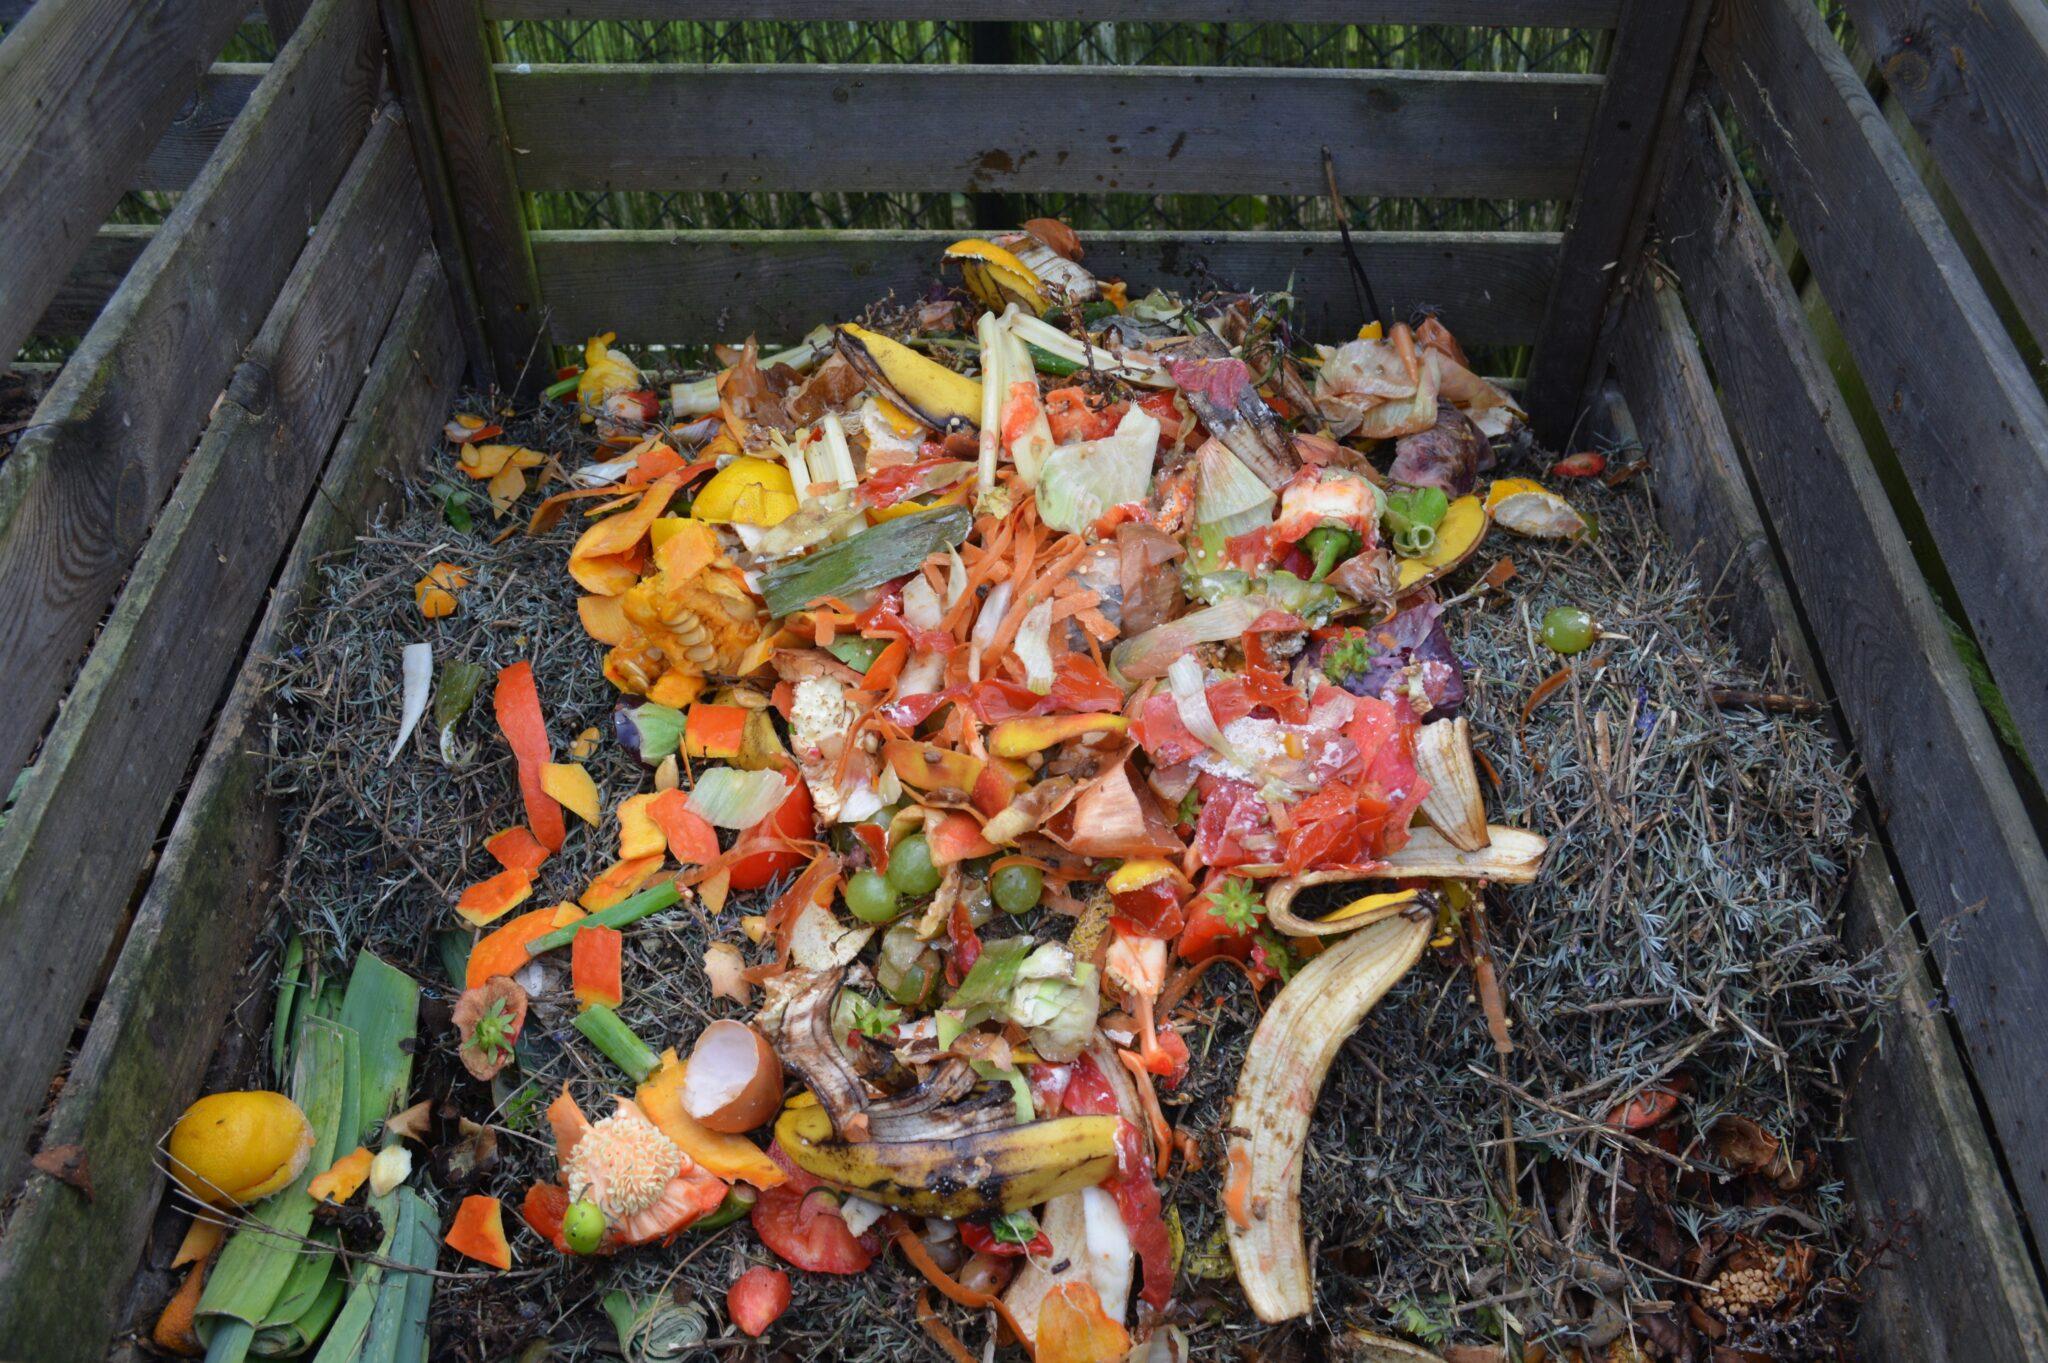 Ein Komposthaufen in einer Holzbox mit bunten Küchenabfällen